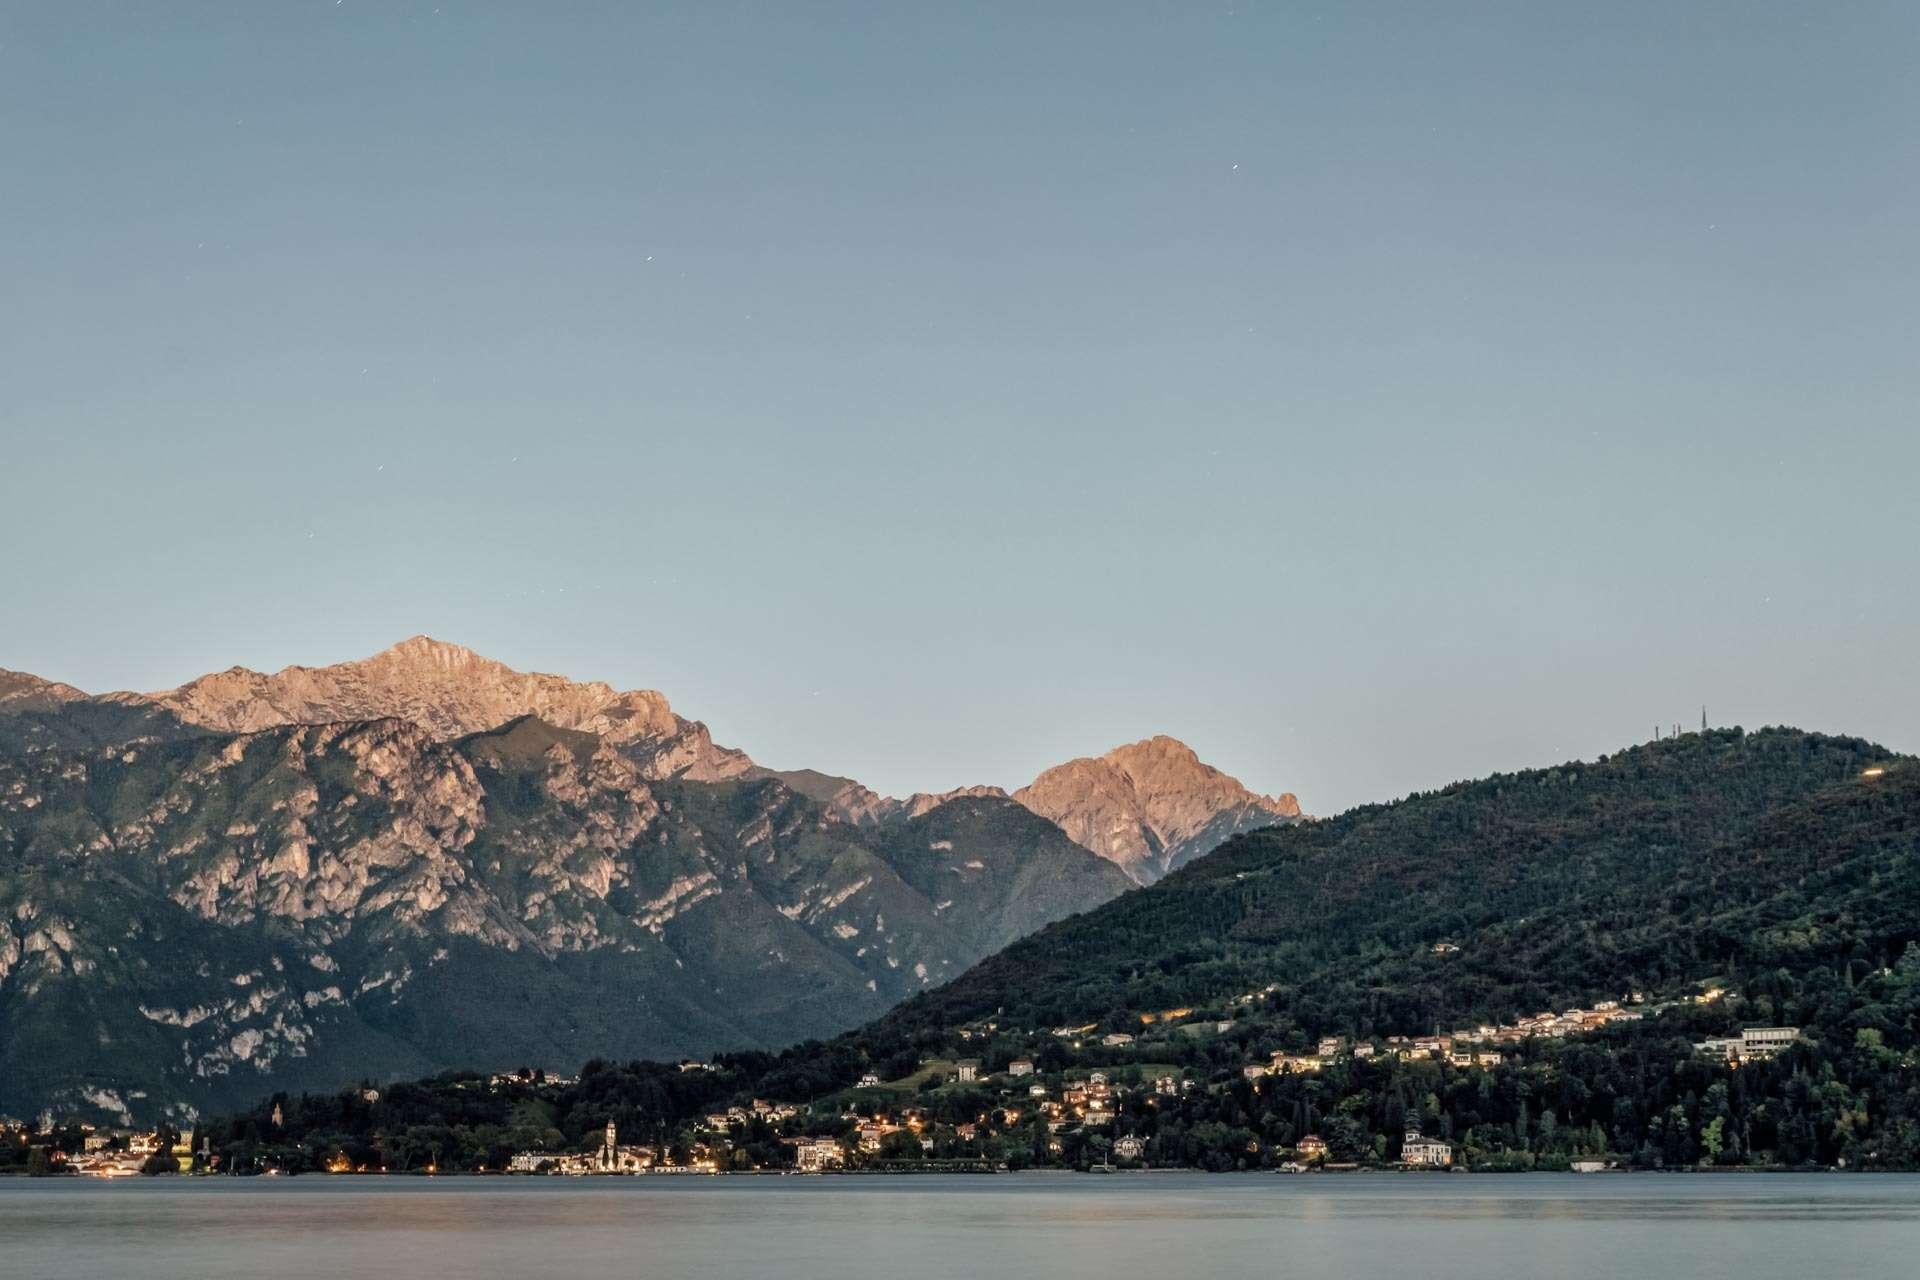 Bjergene og byerne omkring Comosøen ændrer konstant karakteristik i takt med, at solen går op og ned.